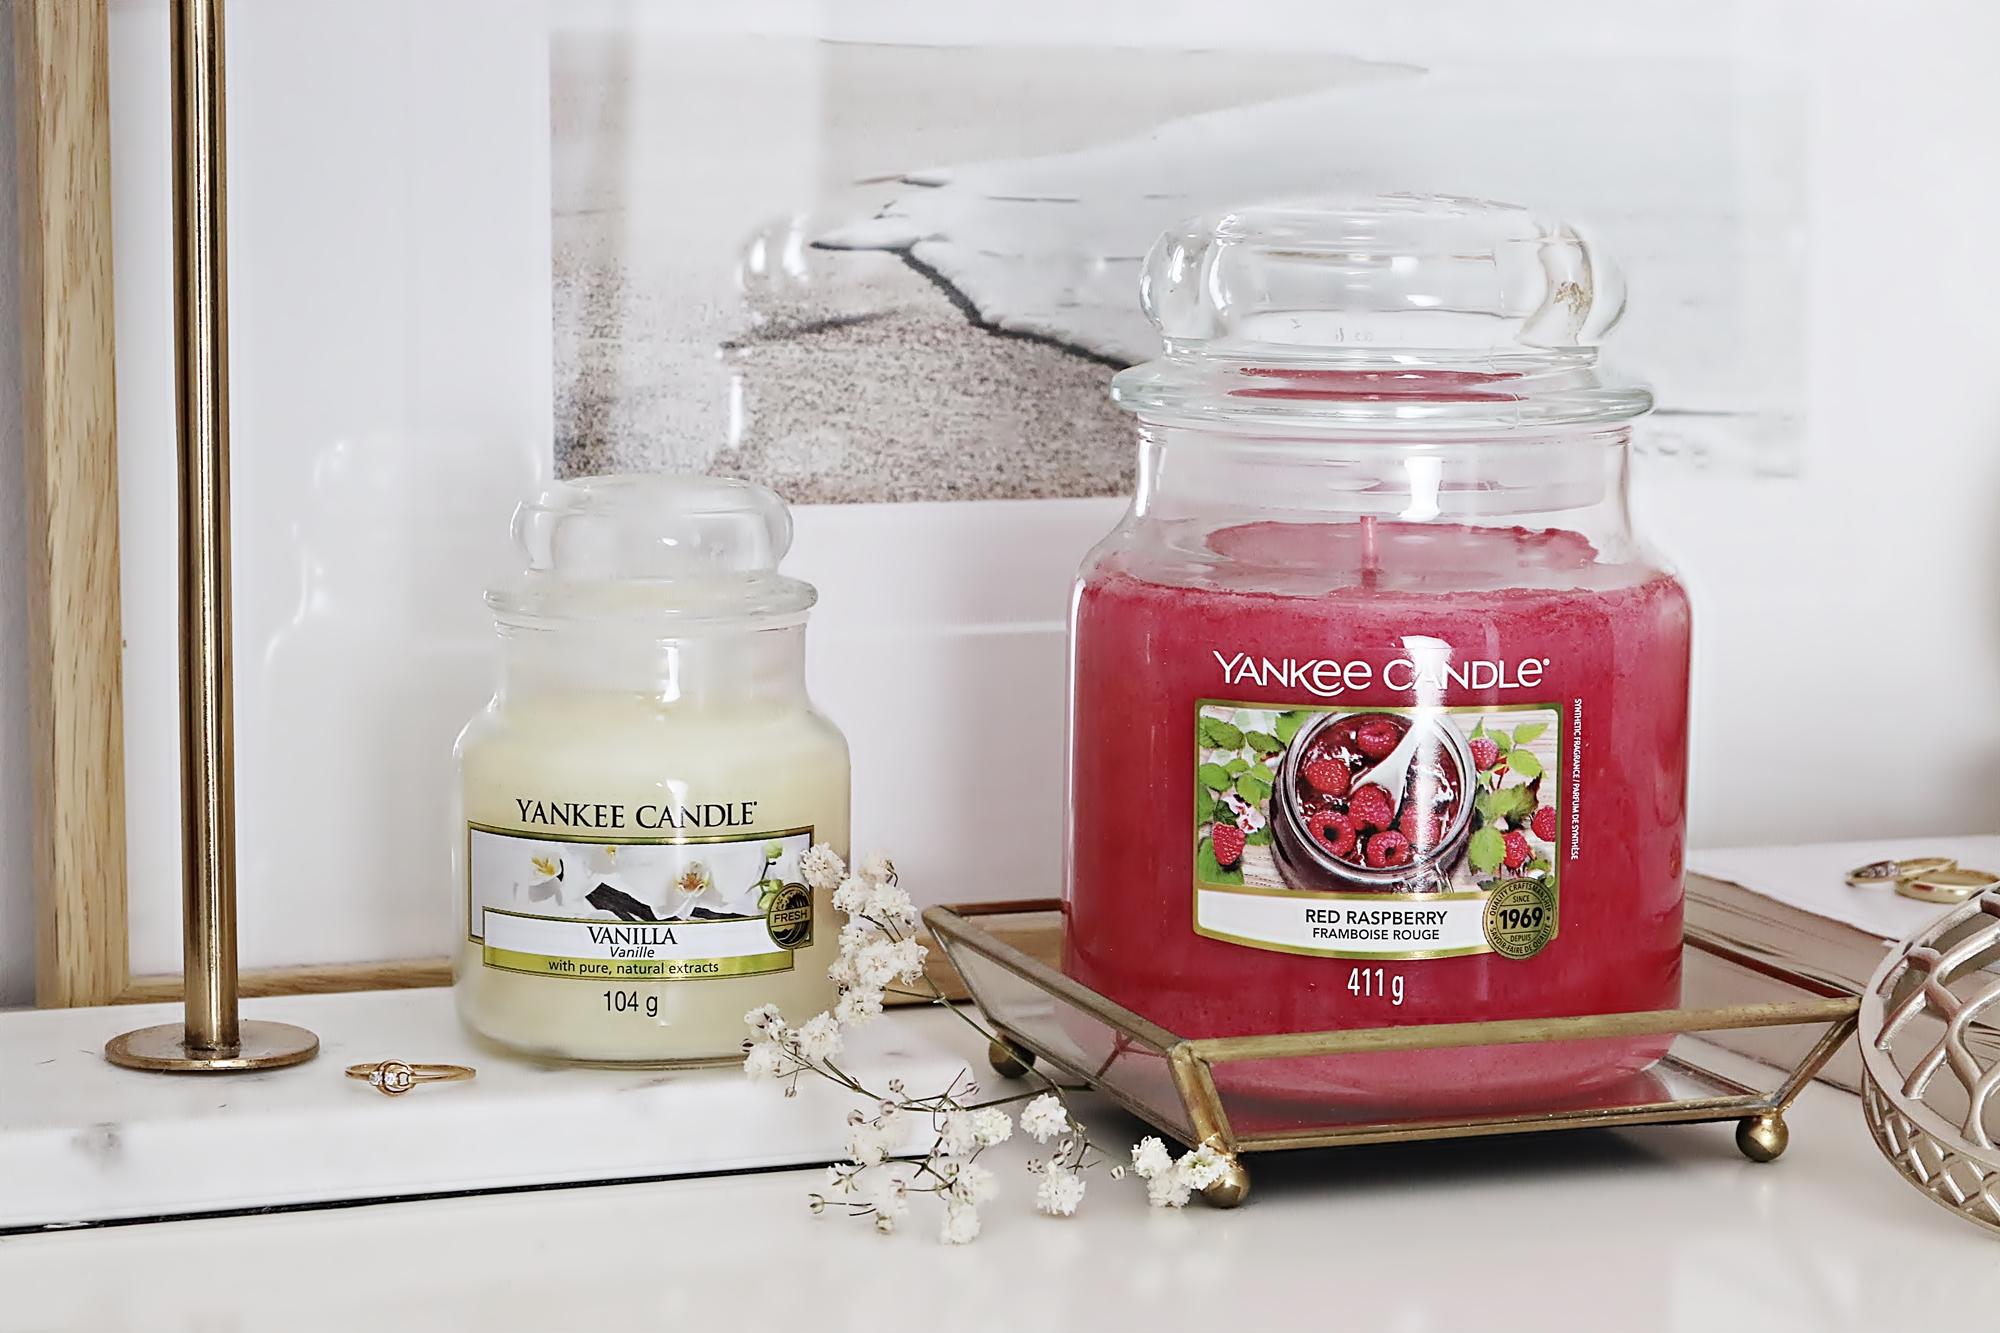 Zapachy miesiąca Yankee Candle na kwiecień 2021 - Vanilla i Red Raspberry